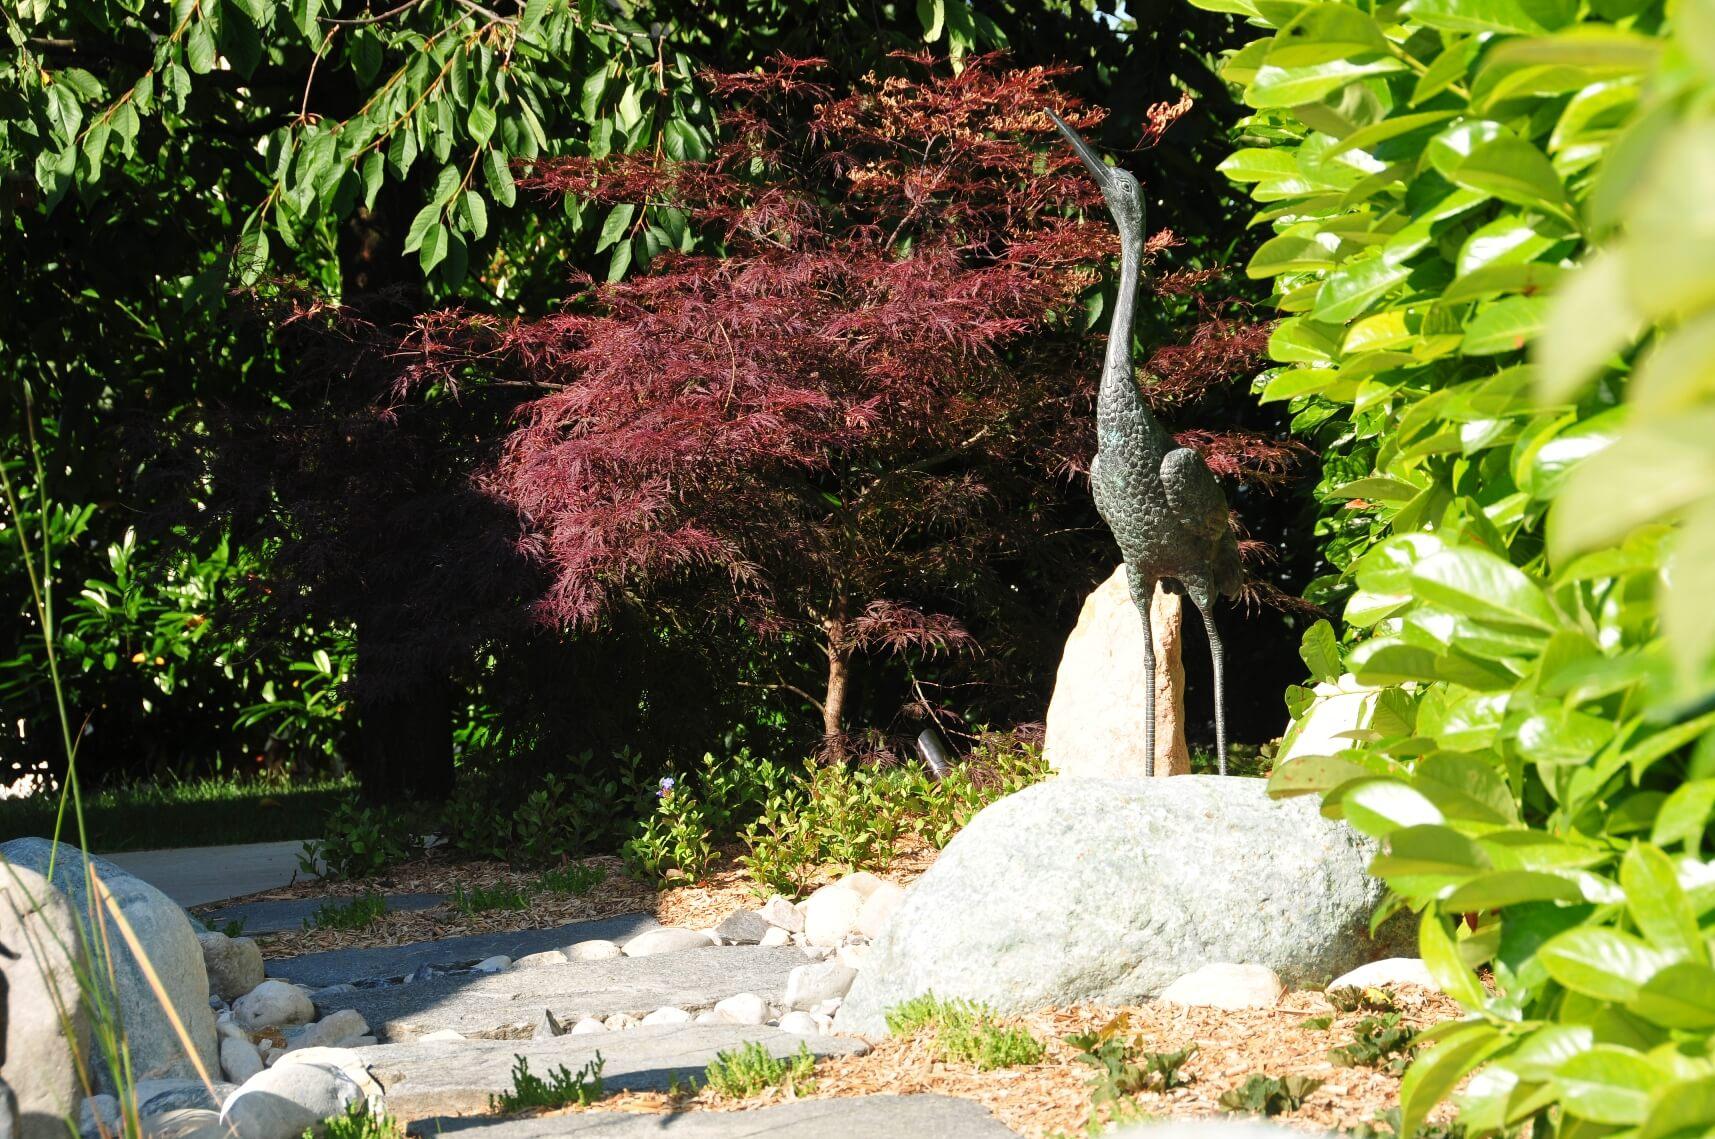 michael ellig étang bassin eau cours riviere paysagiste statues aellig paysages (11)